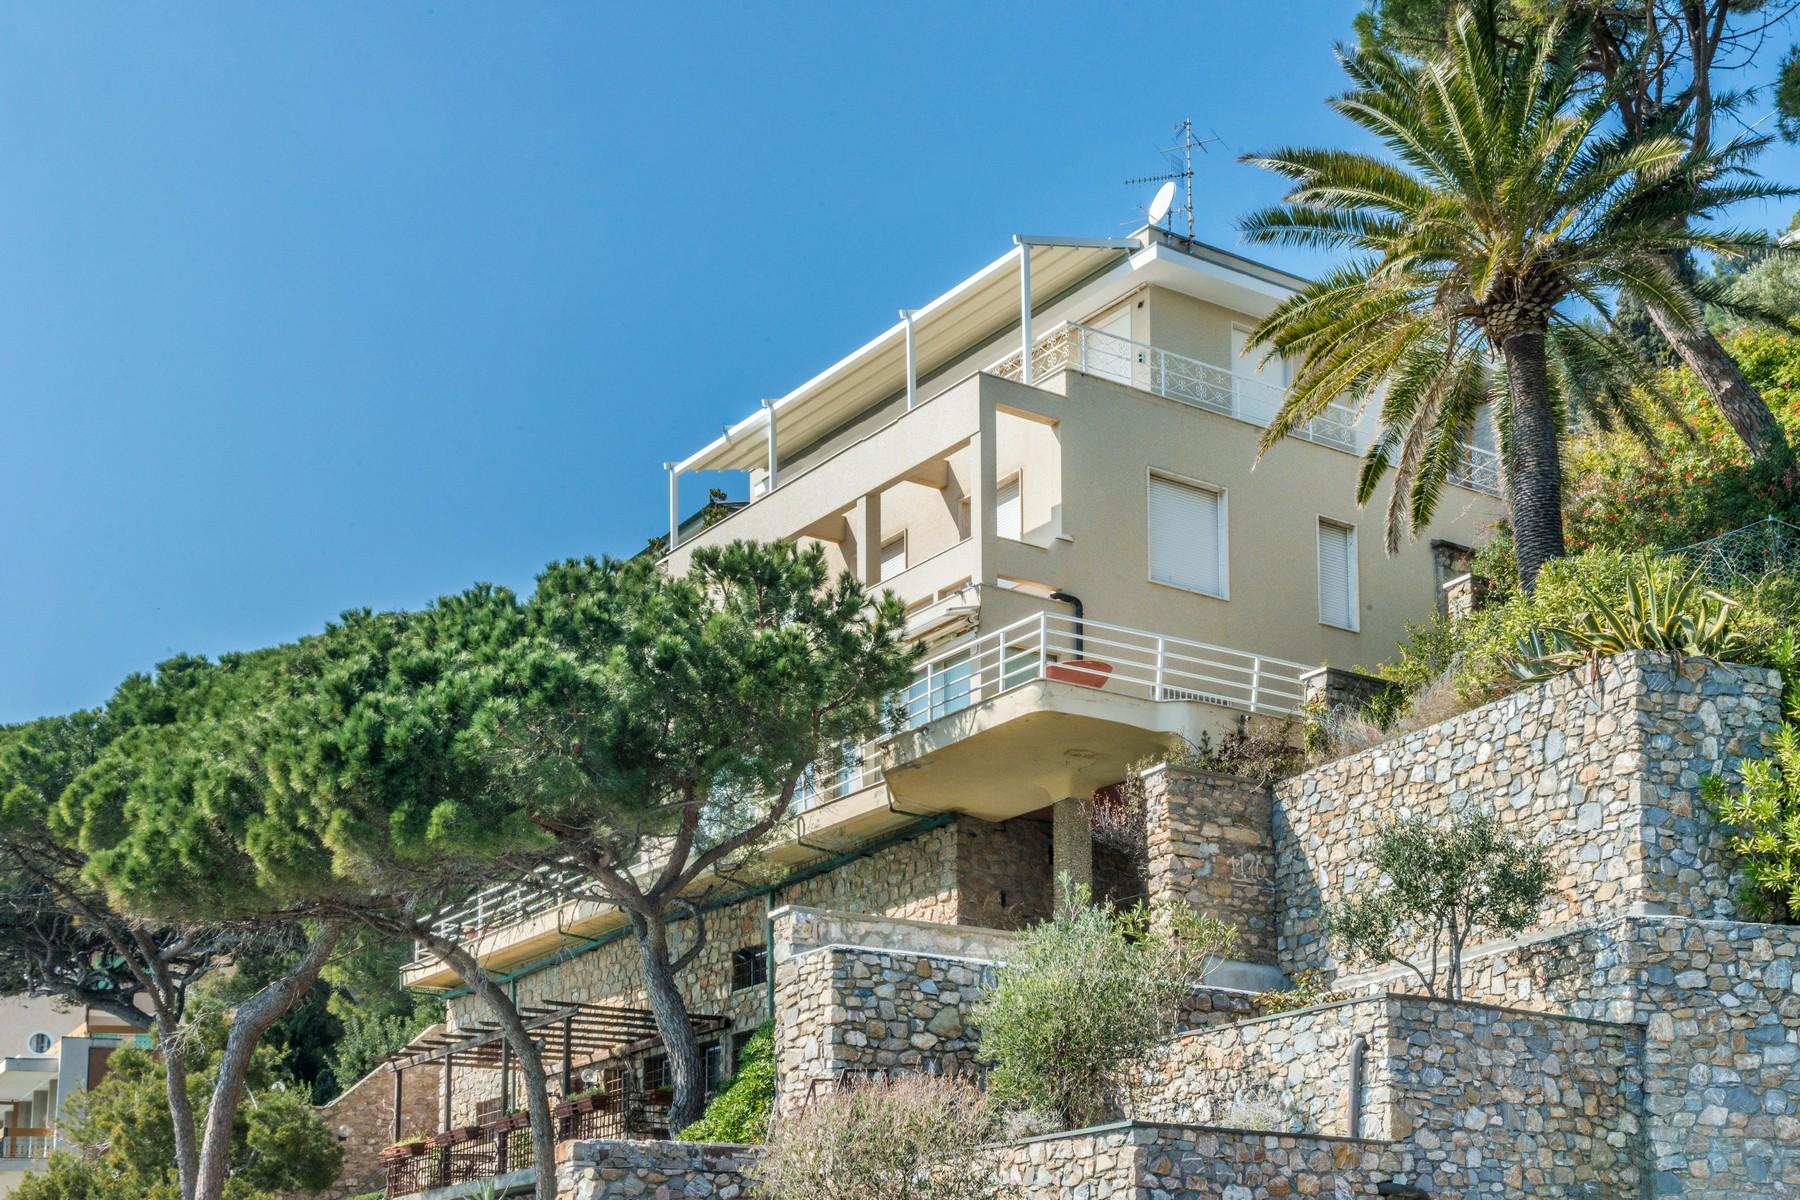 Villa in Vendita a Alassio: 5 locali, 388 mq